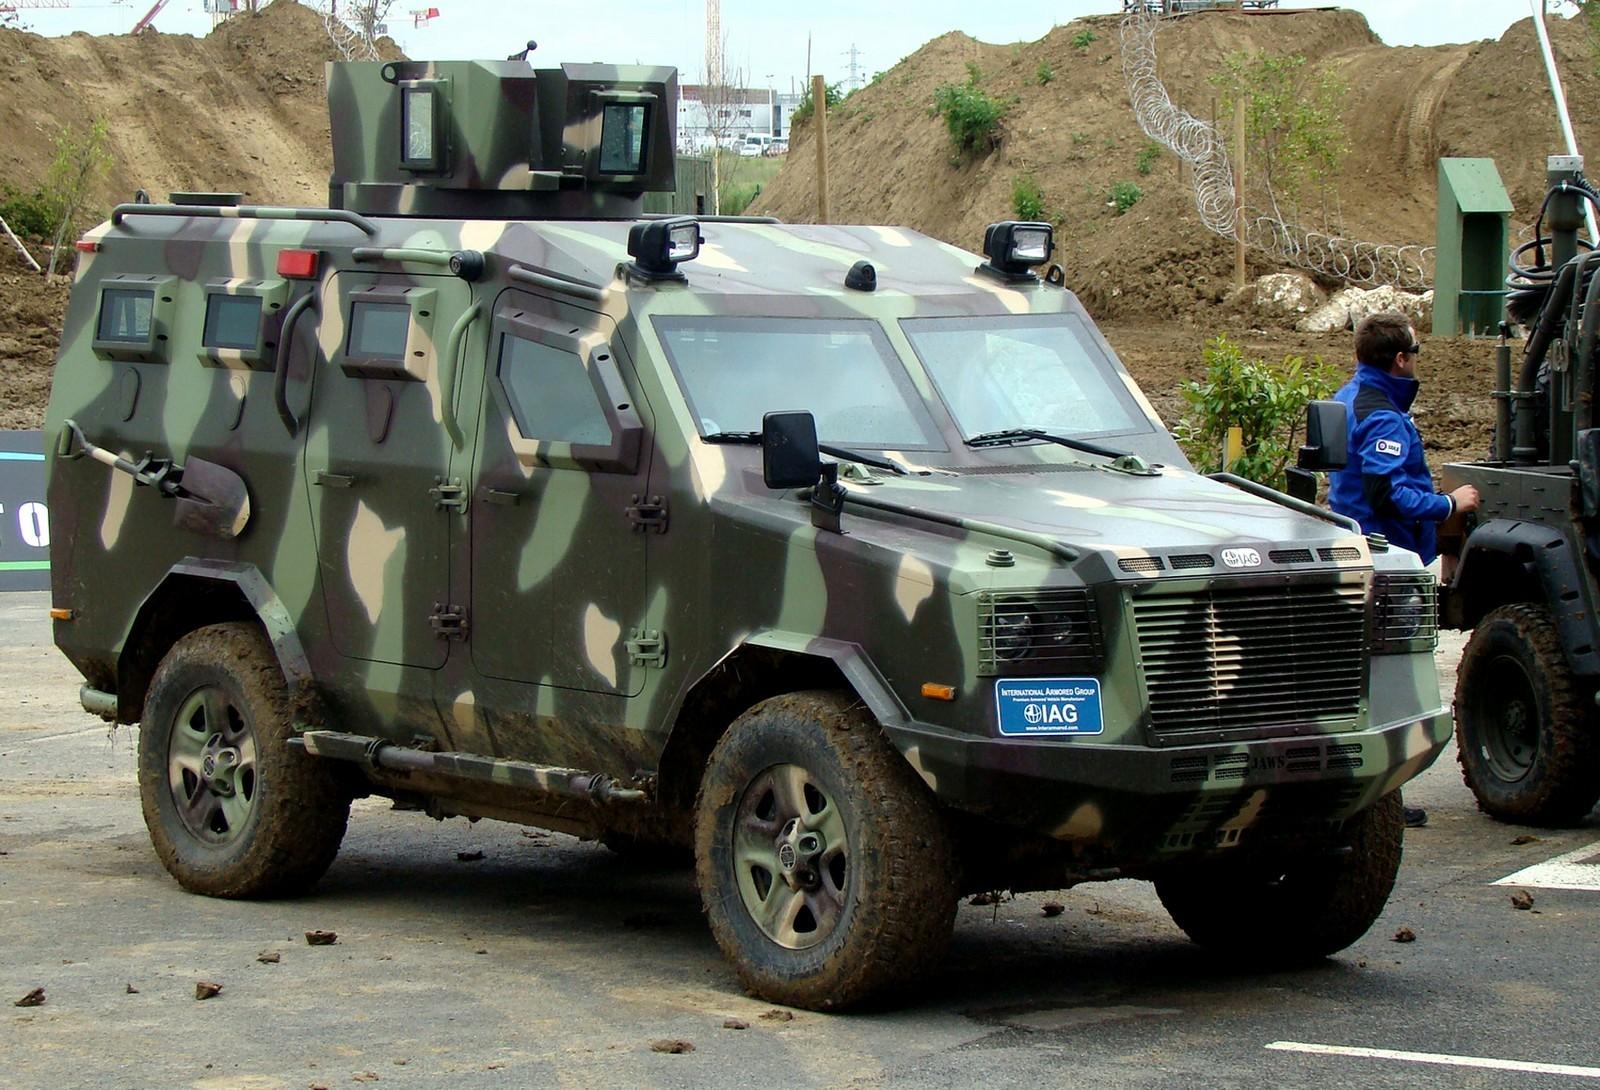 Башенная патрульная машина IAG Jaws на демонстрационных испытаниях